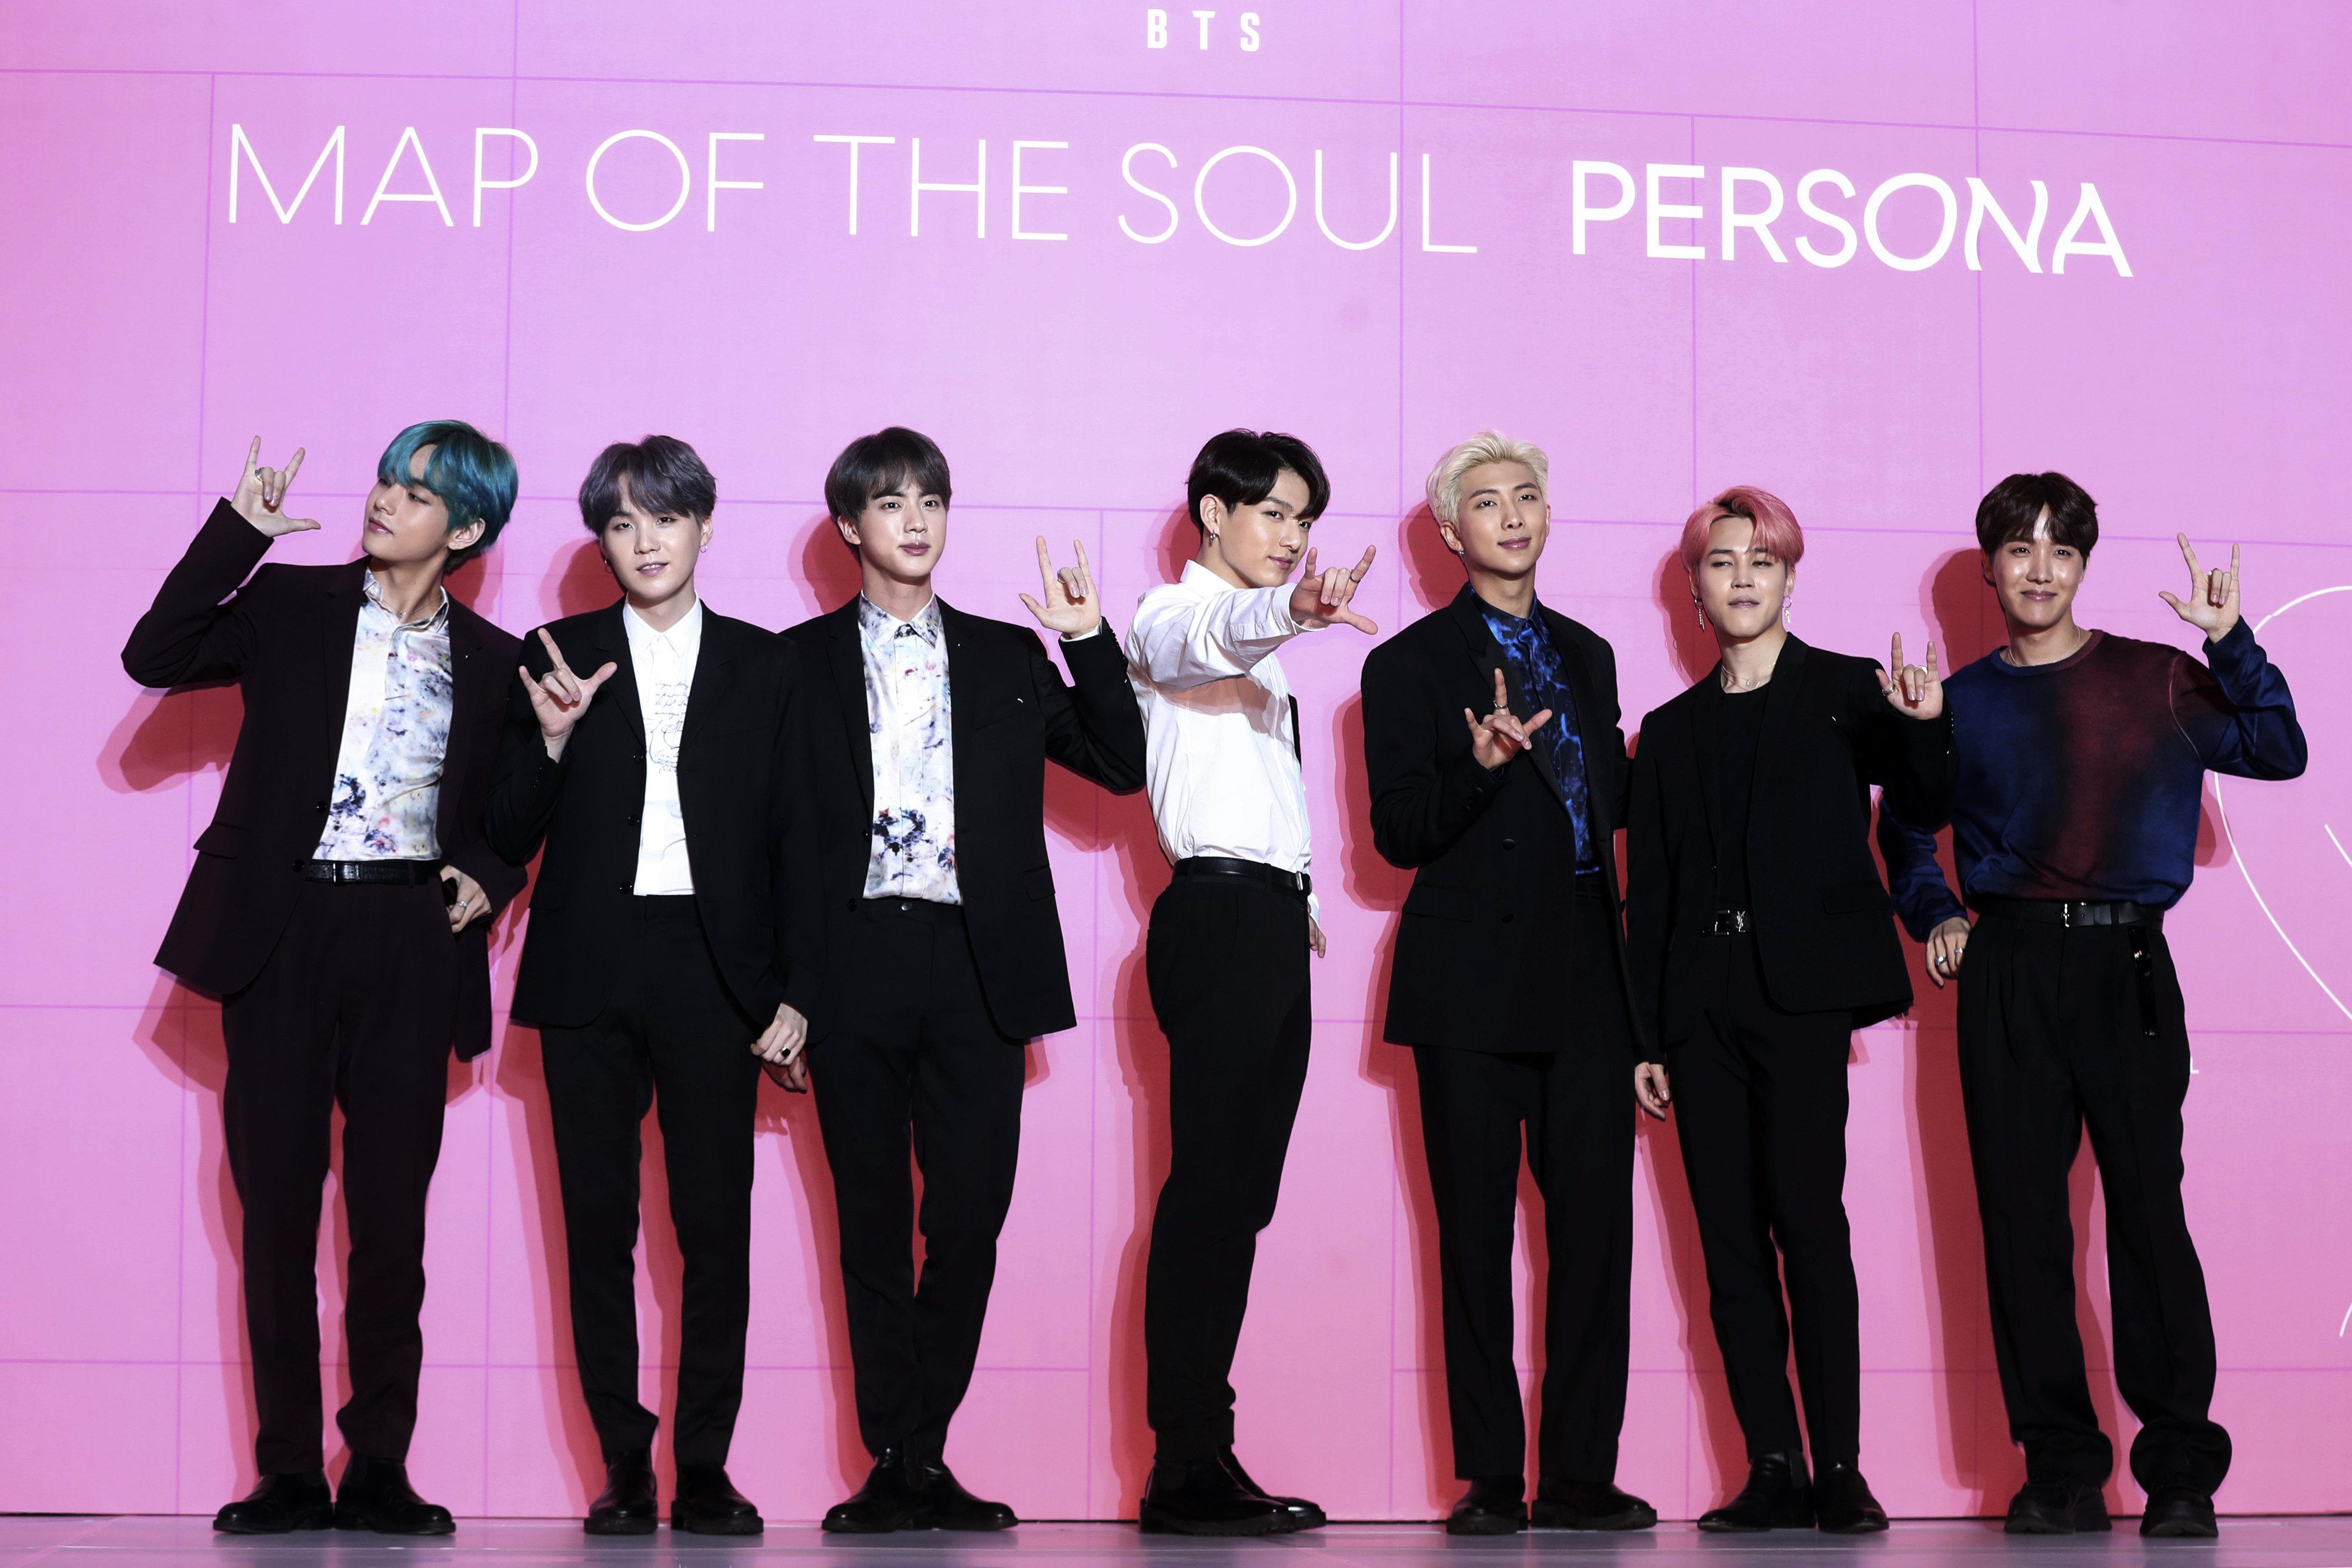 방탄소년단 새 앨범 'Map of the Soul: Persona' 초동이 213만 장으로 최종